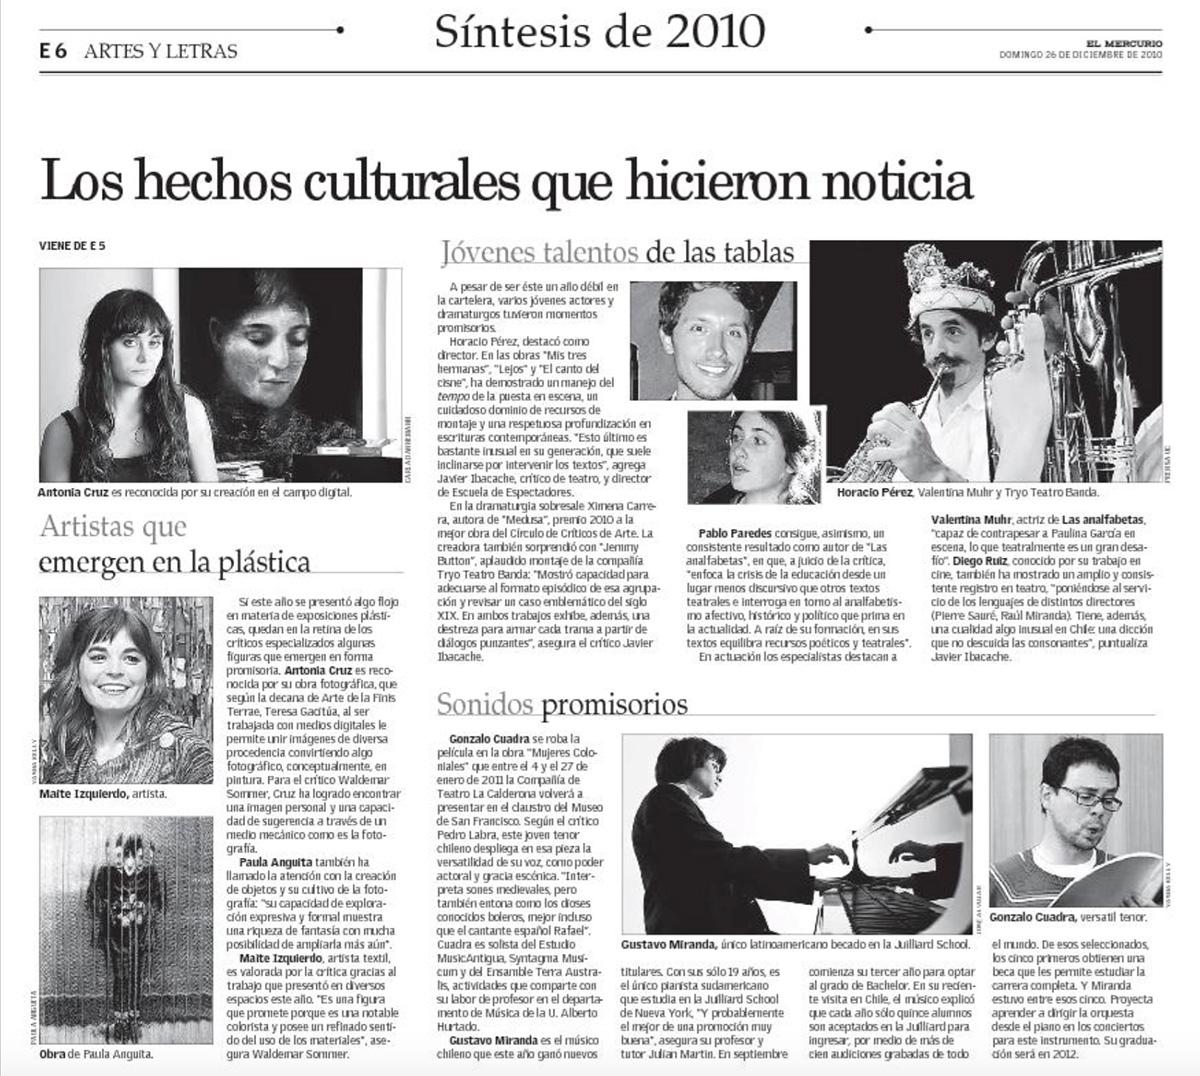 Sintesís 2010, El Mercurio, Artes y Letras.